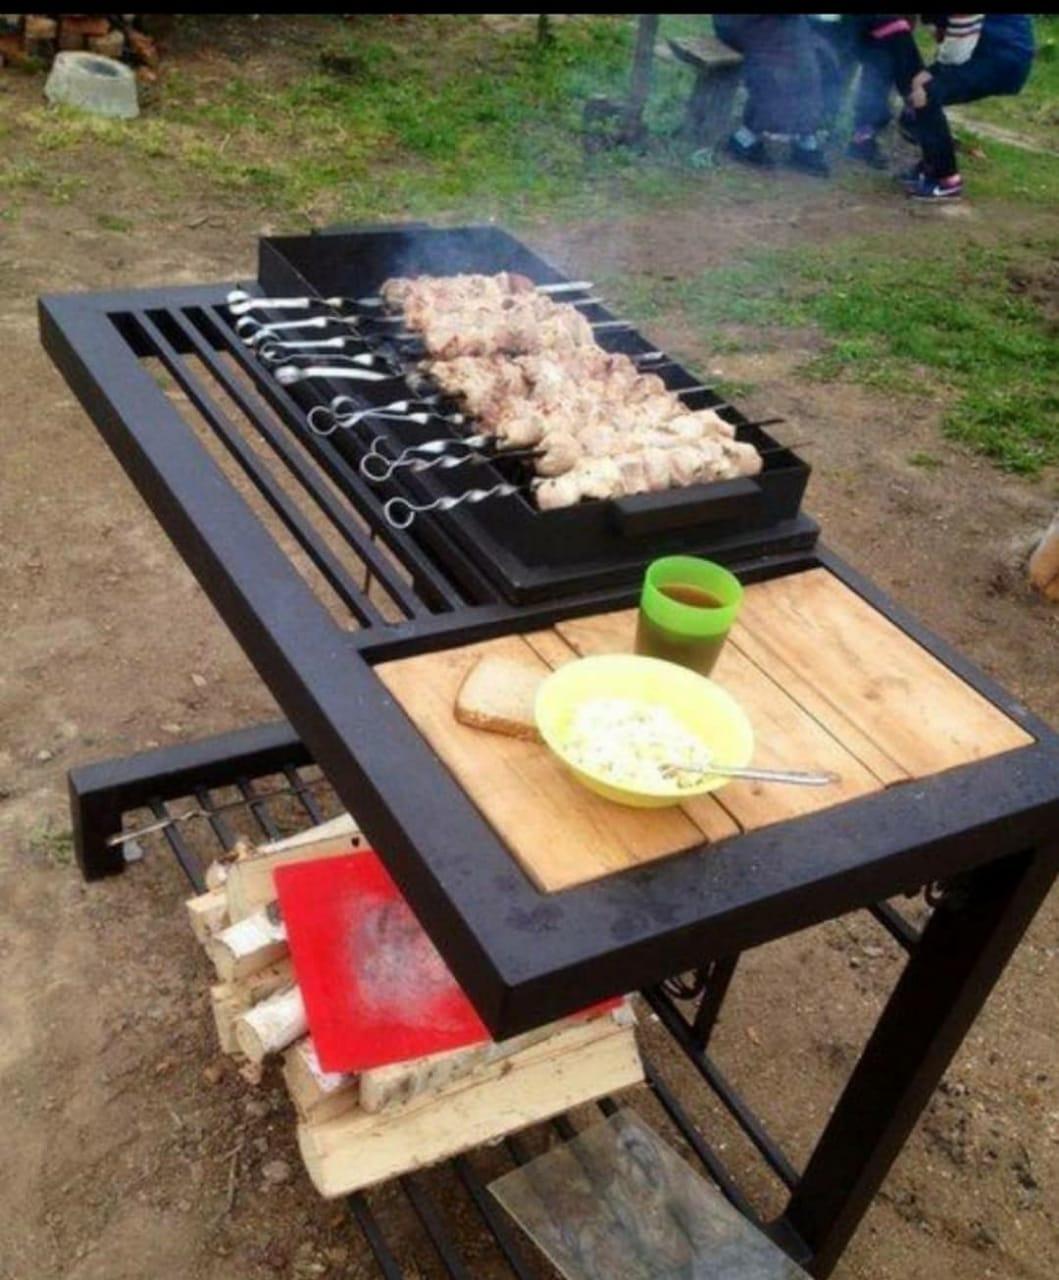 Stol ustu manqal, Piknik masa, piknik masası, manqal,